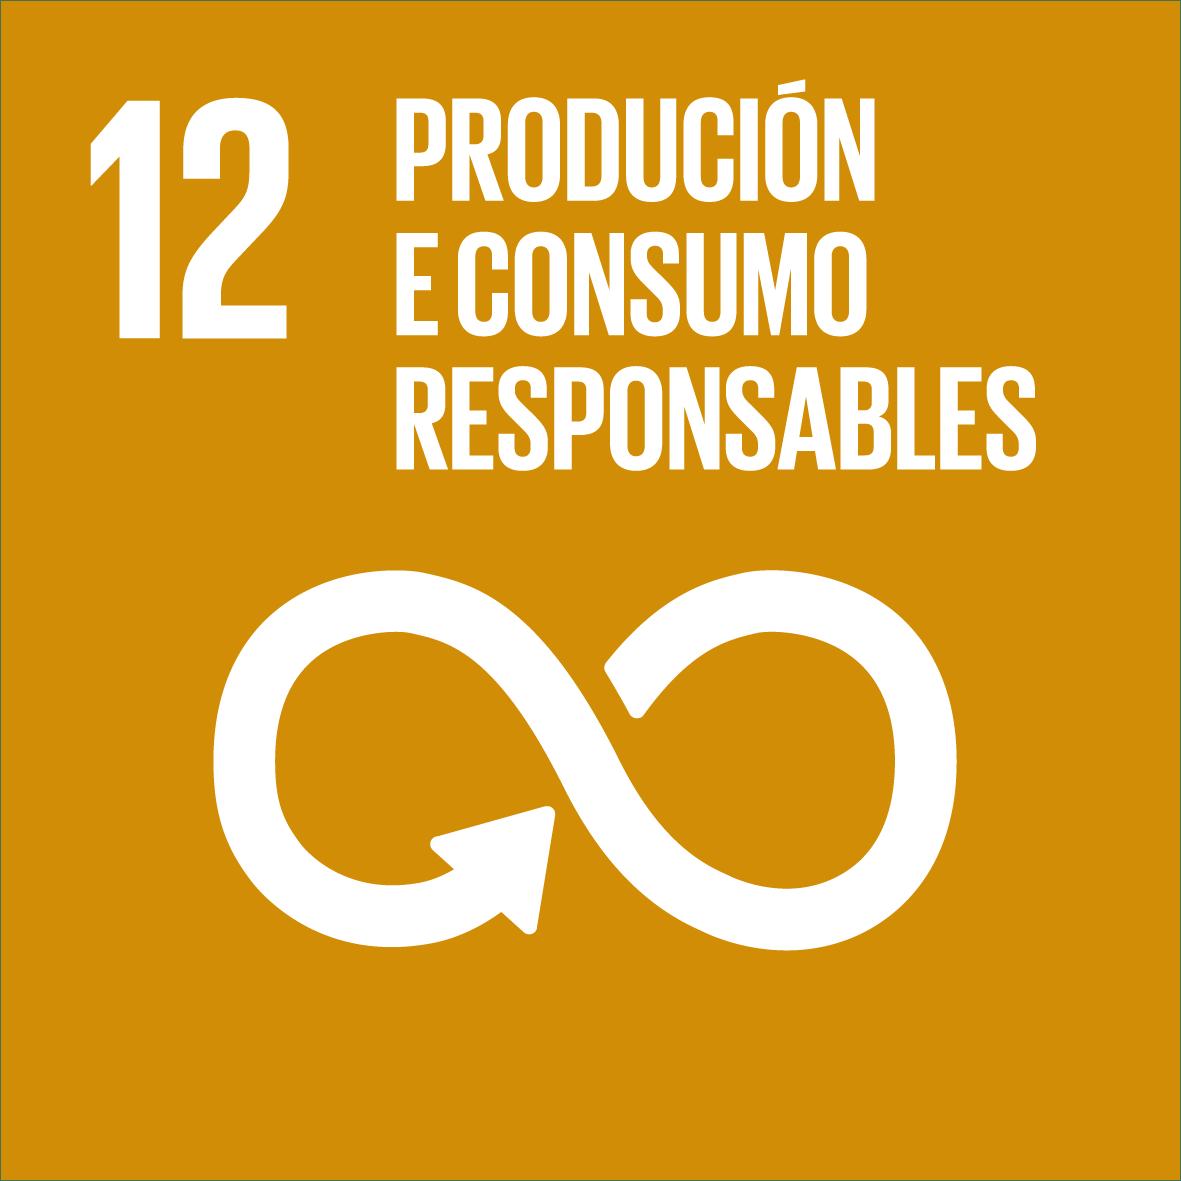 ODS 12: Produción e consumo responsables